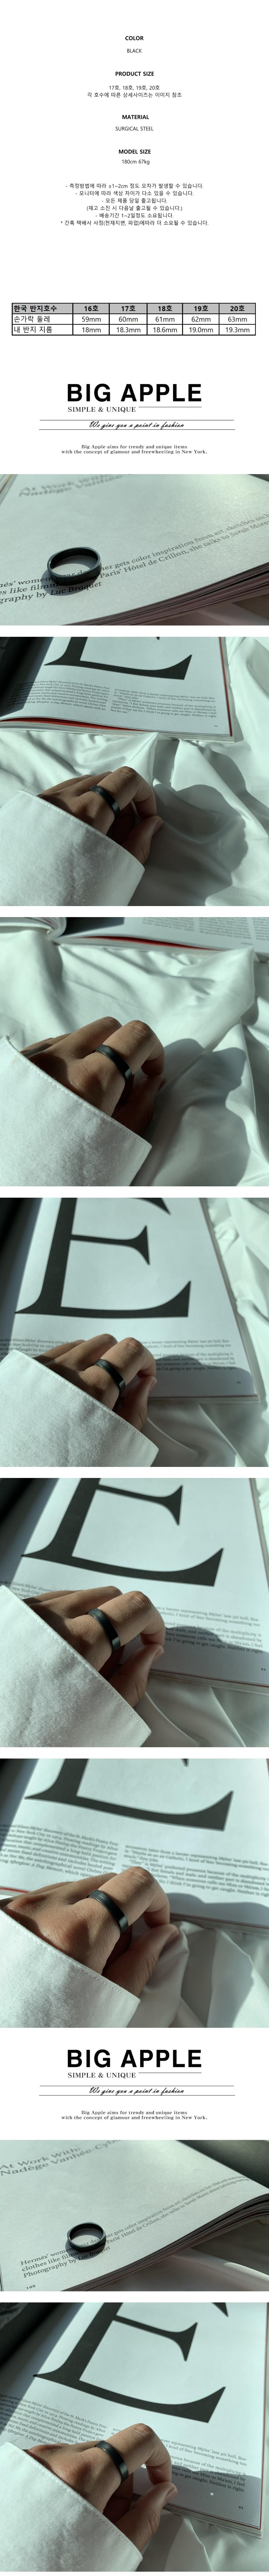 남자 반지 블랙 심플 써지컬스틸 패션 Black Minimal - 빅애플, 13,000원, 남성주얼리, 반지